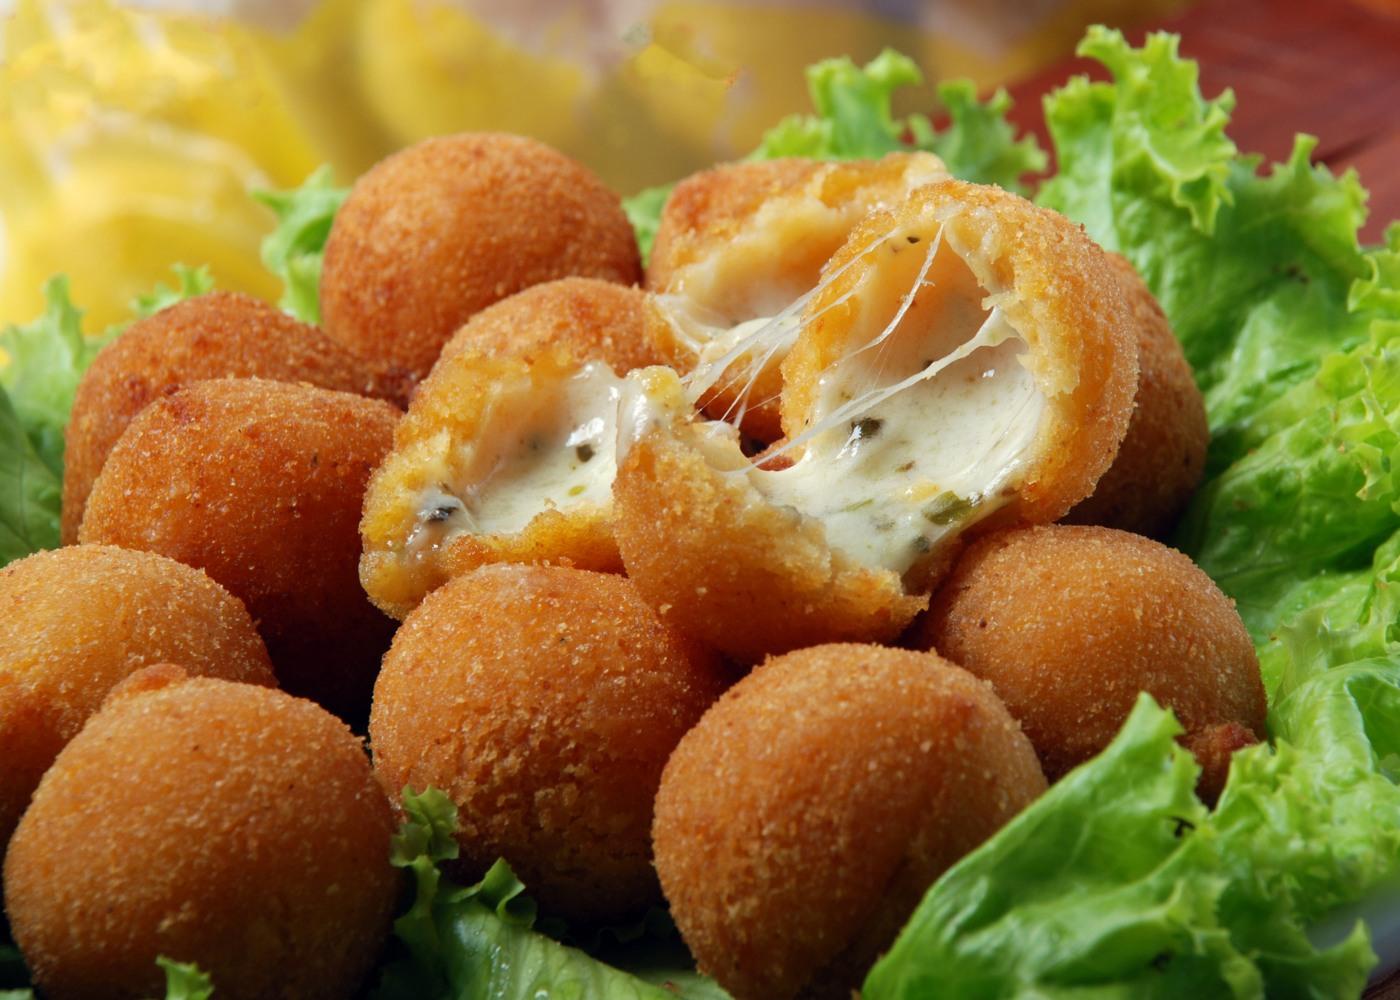 croquetes de queijo